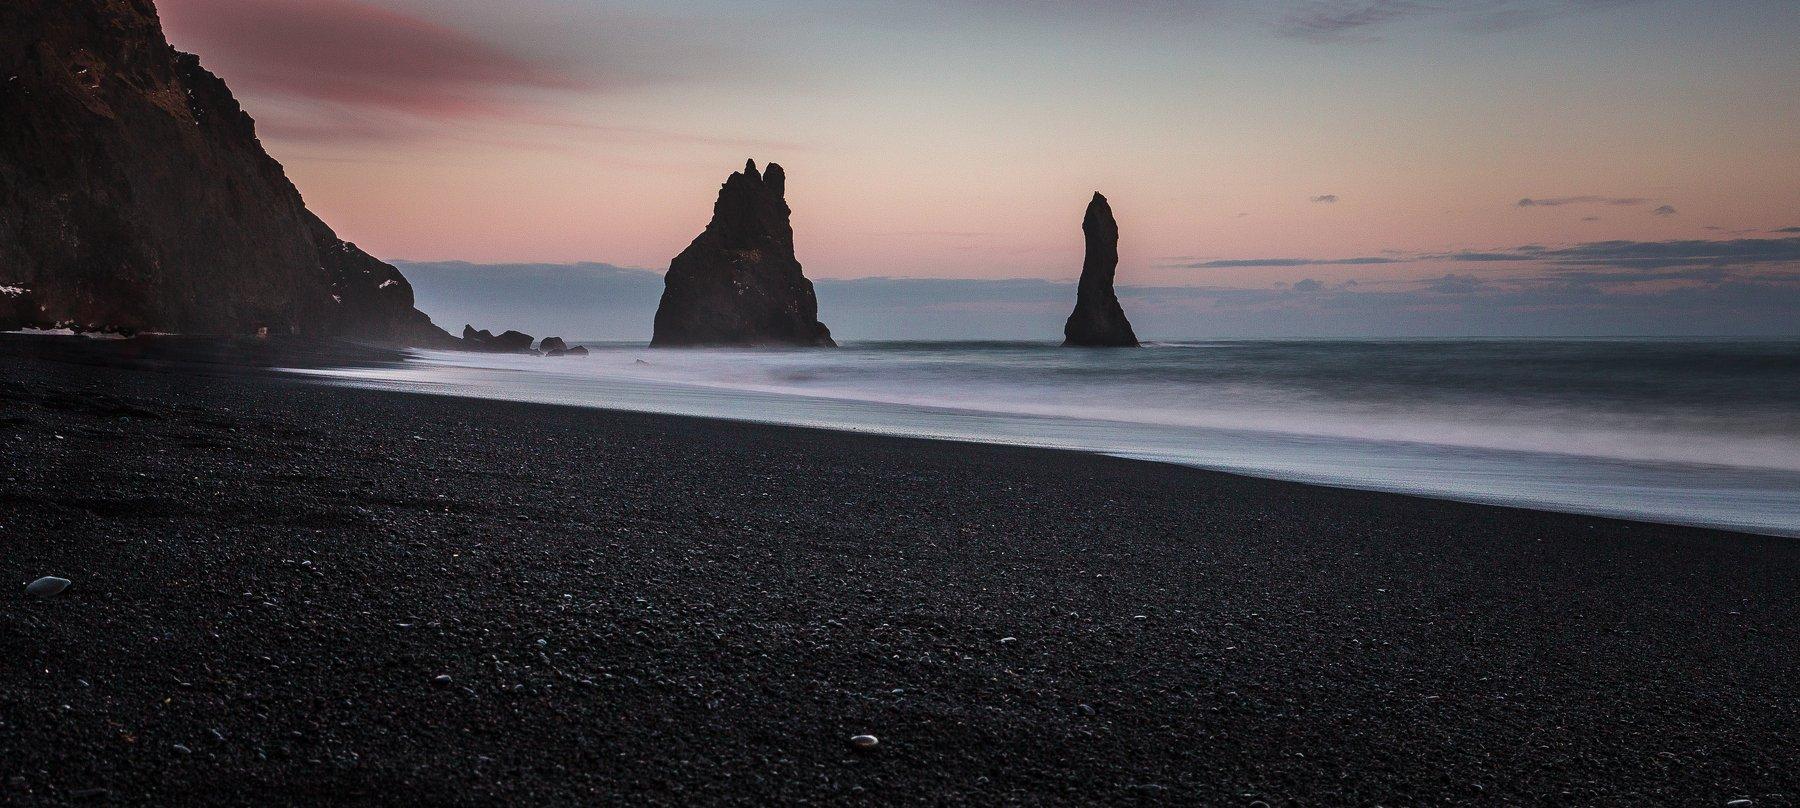 черный, песок, пляж, скалы, Александр Куренной